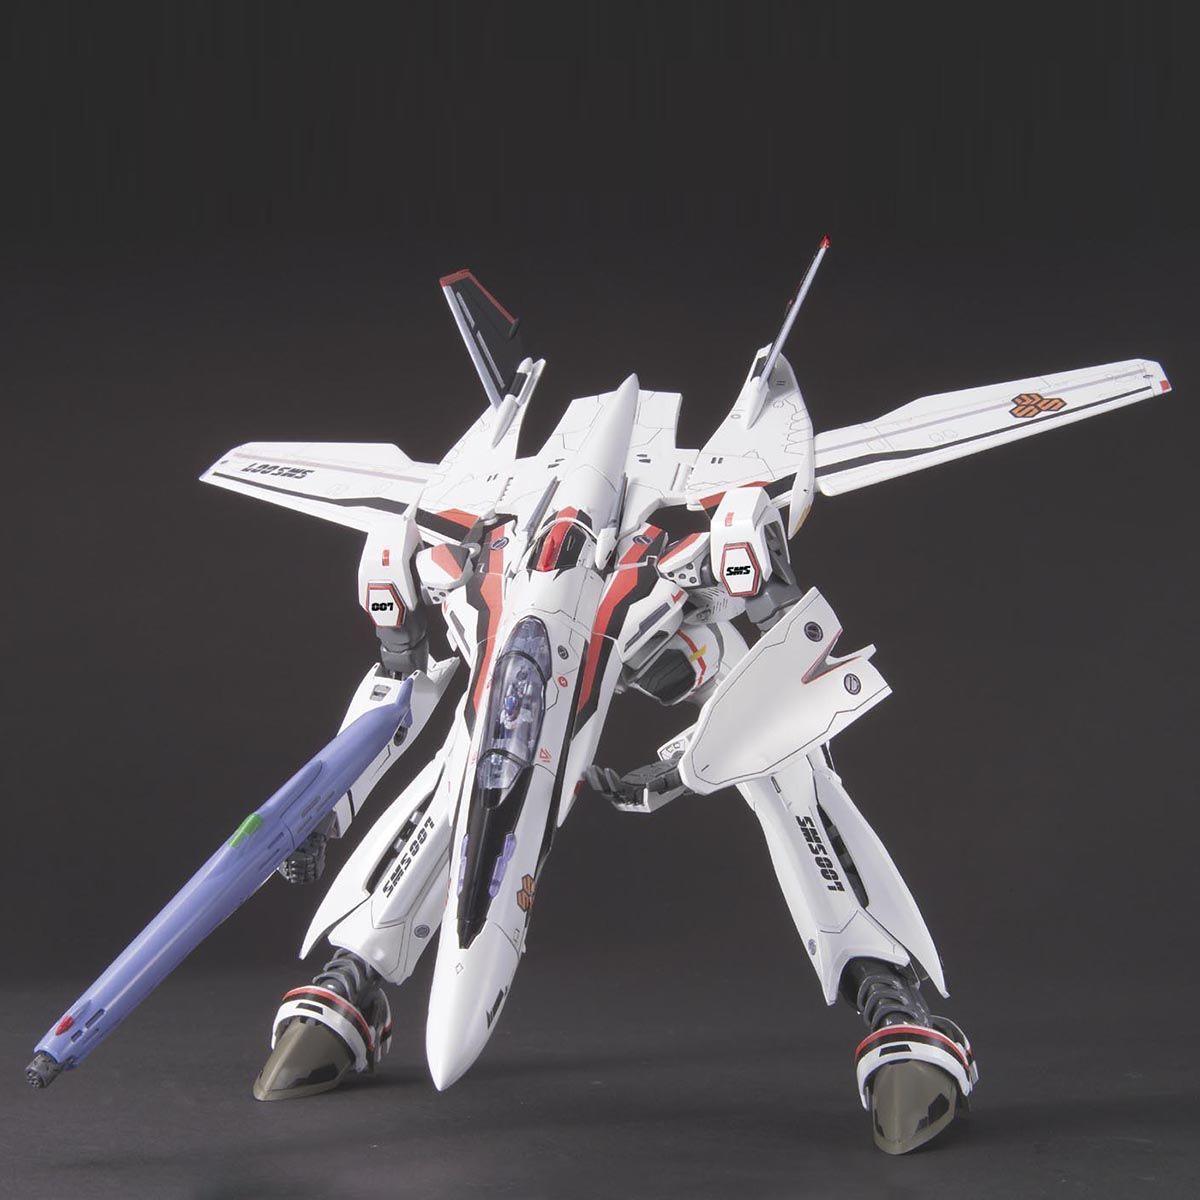 【再販】マクロスF『VF-25F メサイアバルキリー アルト機』1/72 プラモデル-003